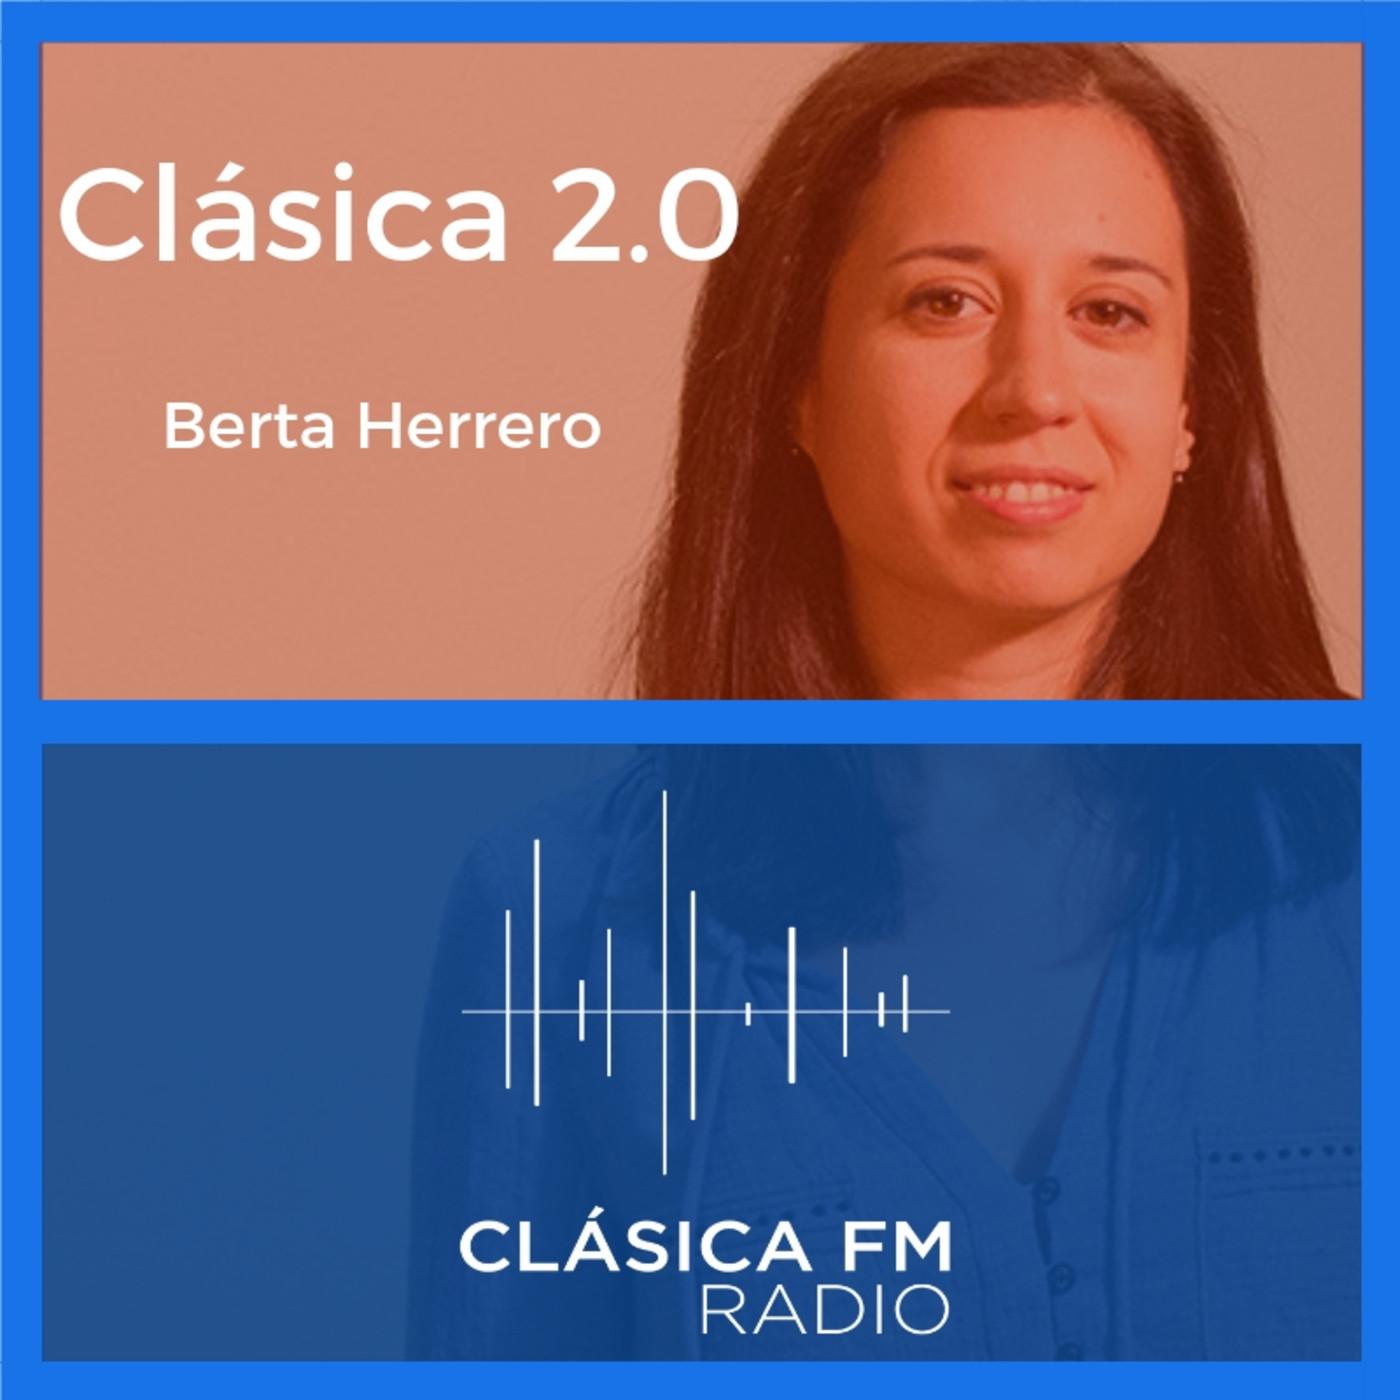 Clásica 2.0: Debussy